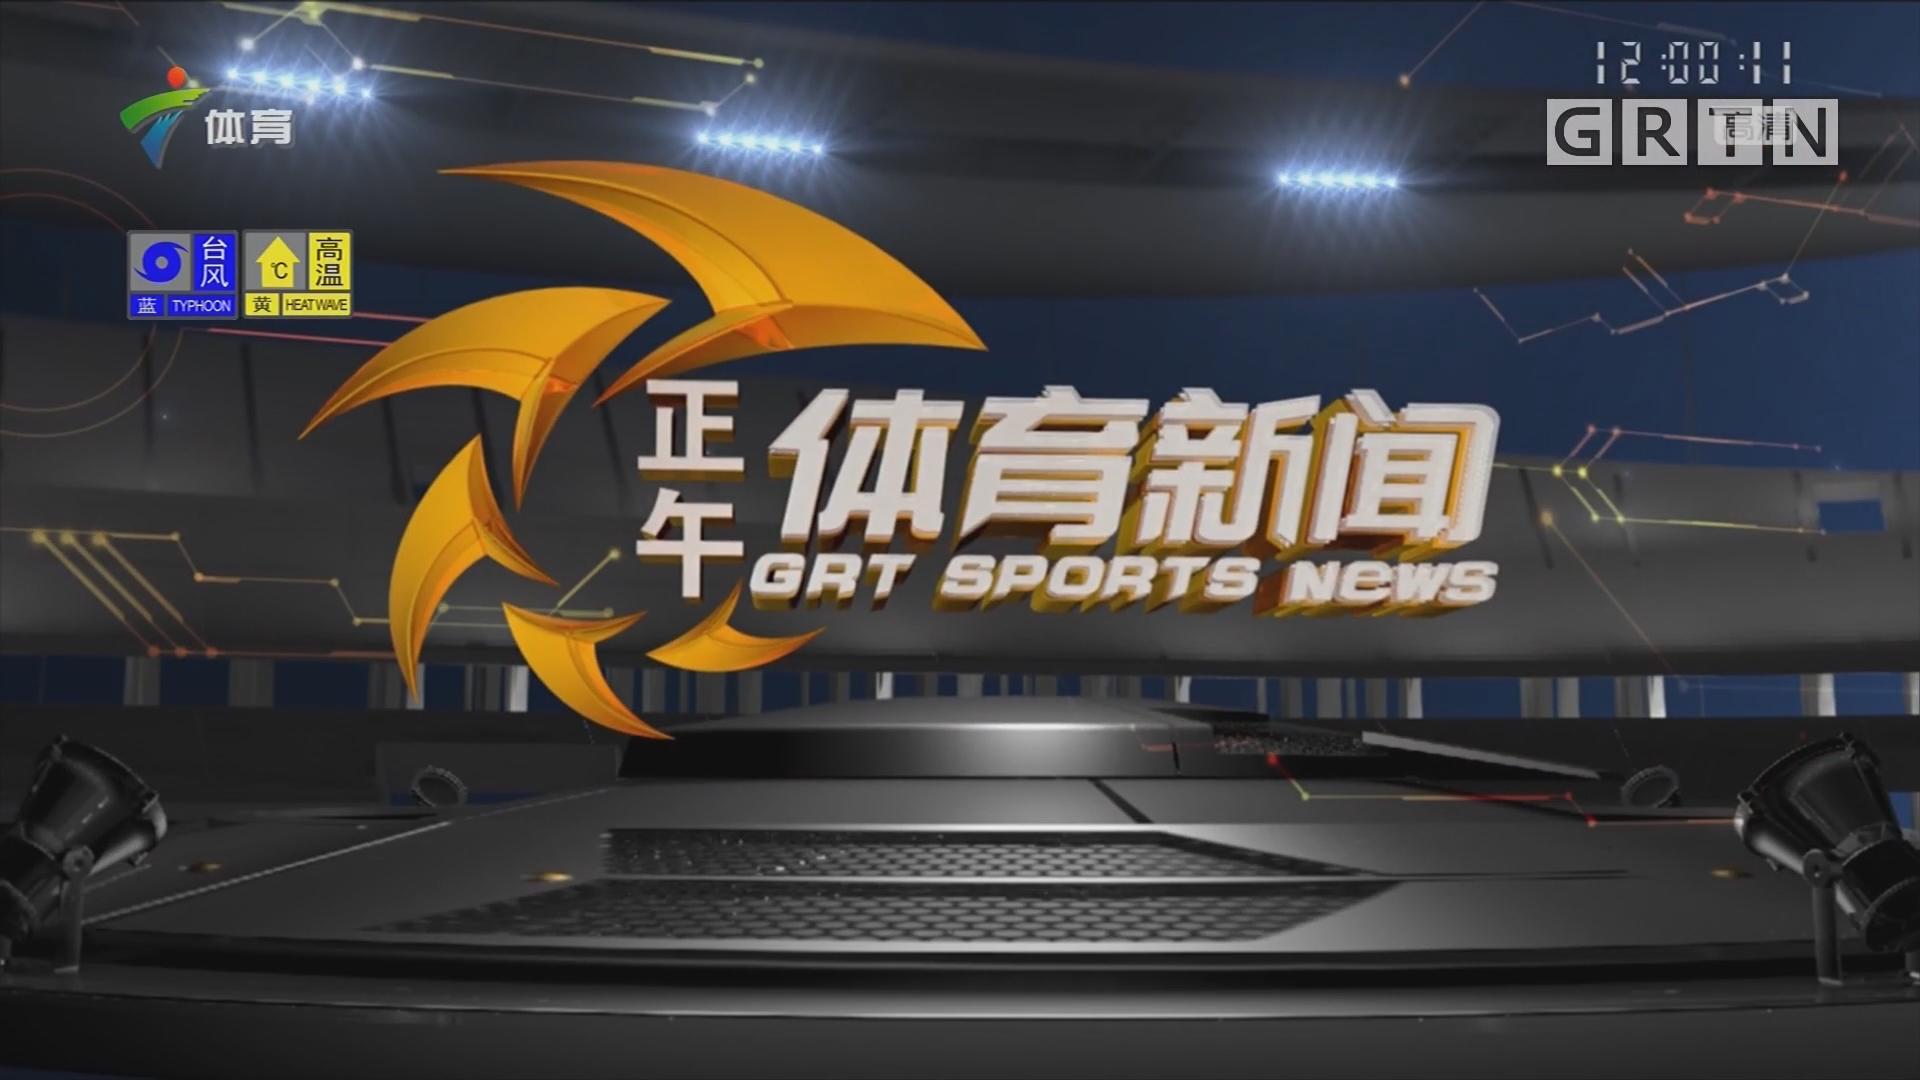 [HD][2018-09-15]正午体育新闻:塔利斯卡补时绝杀 恒大一球险胜国安